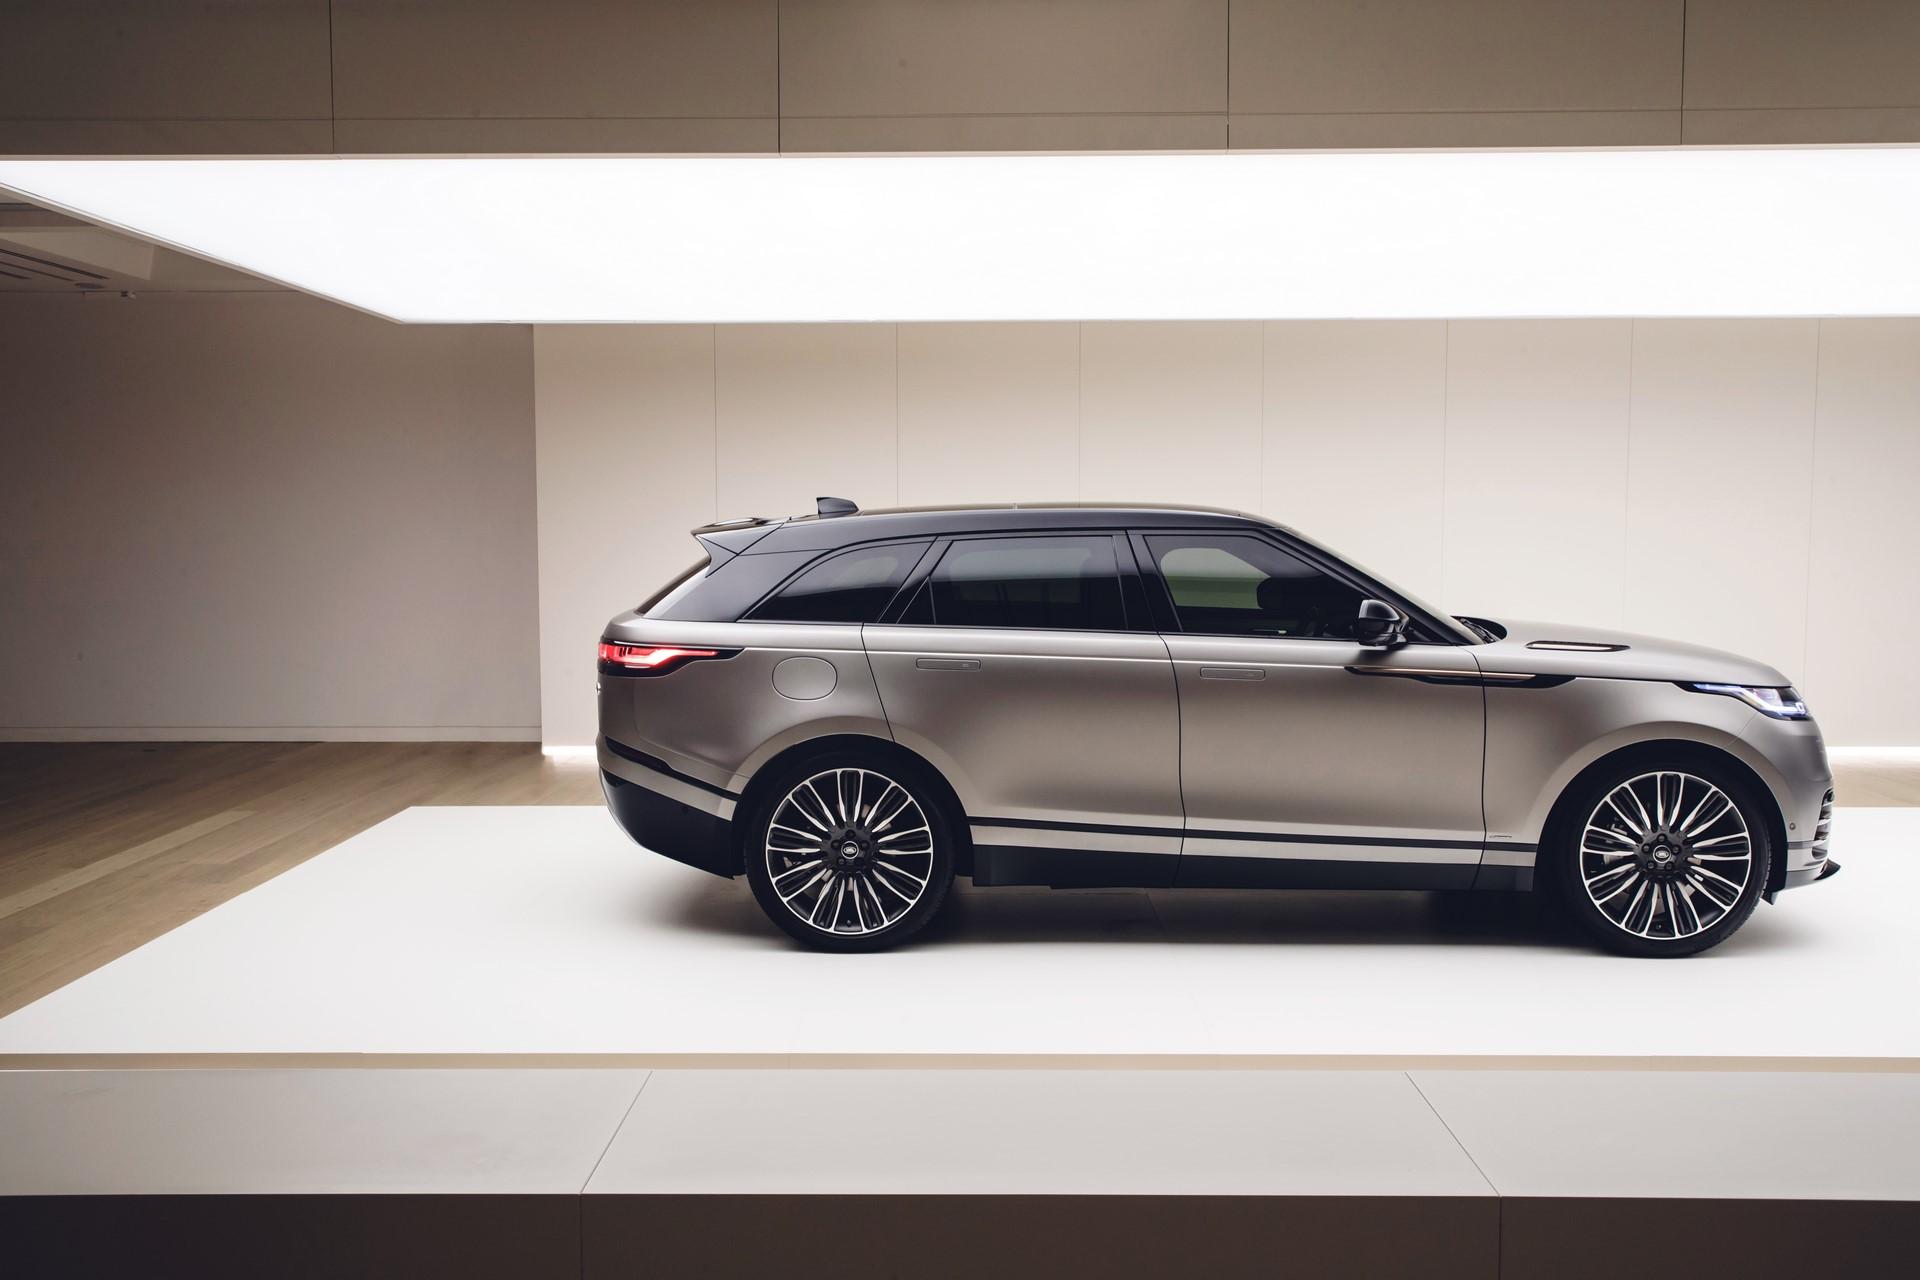 Range Rover Velar 2017 (104)